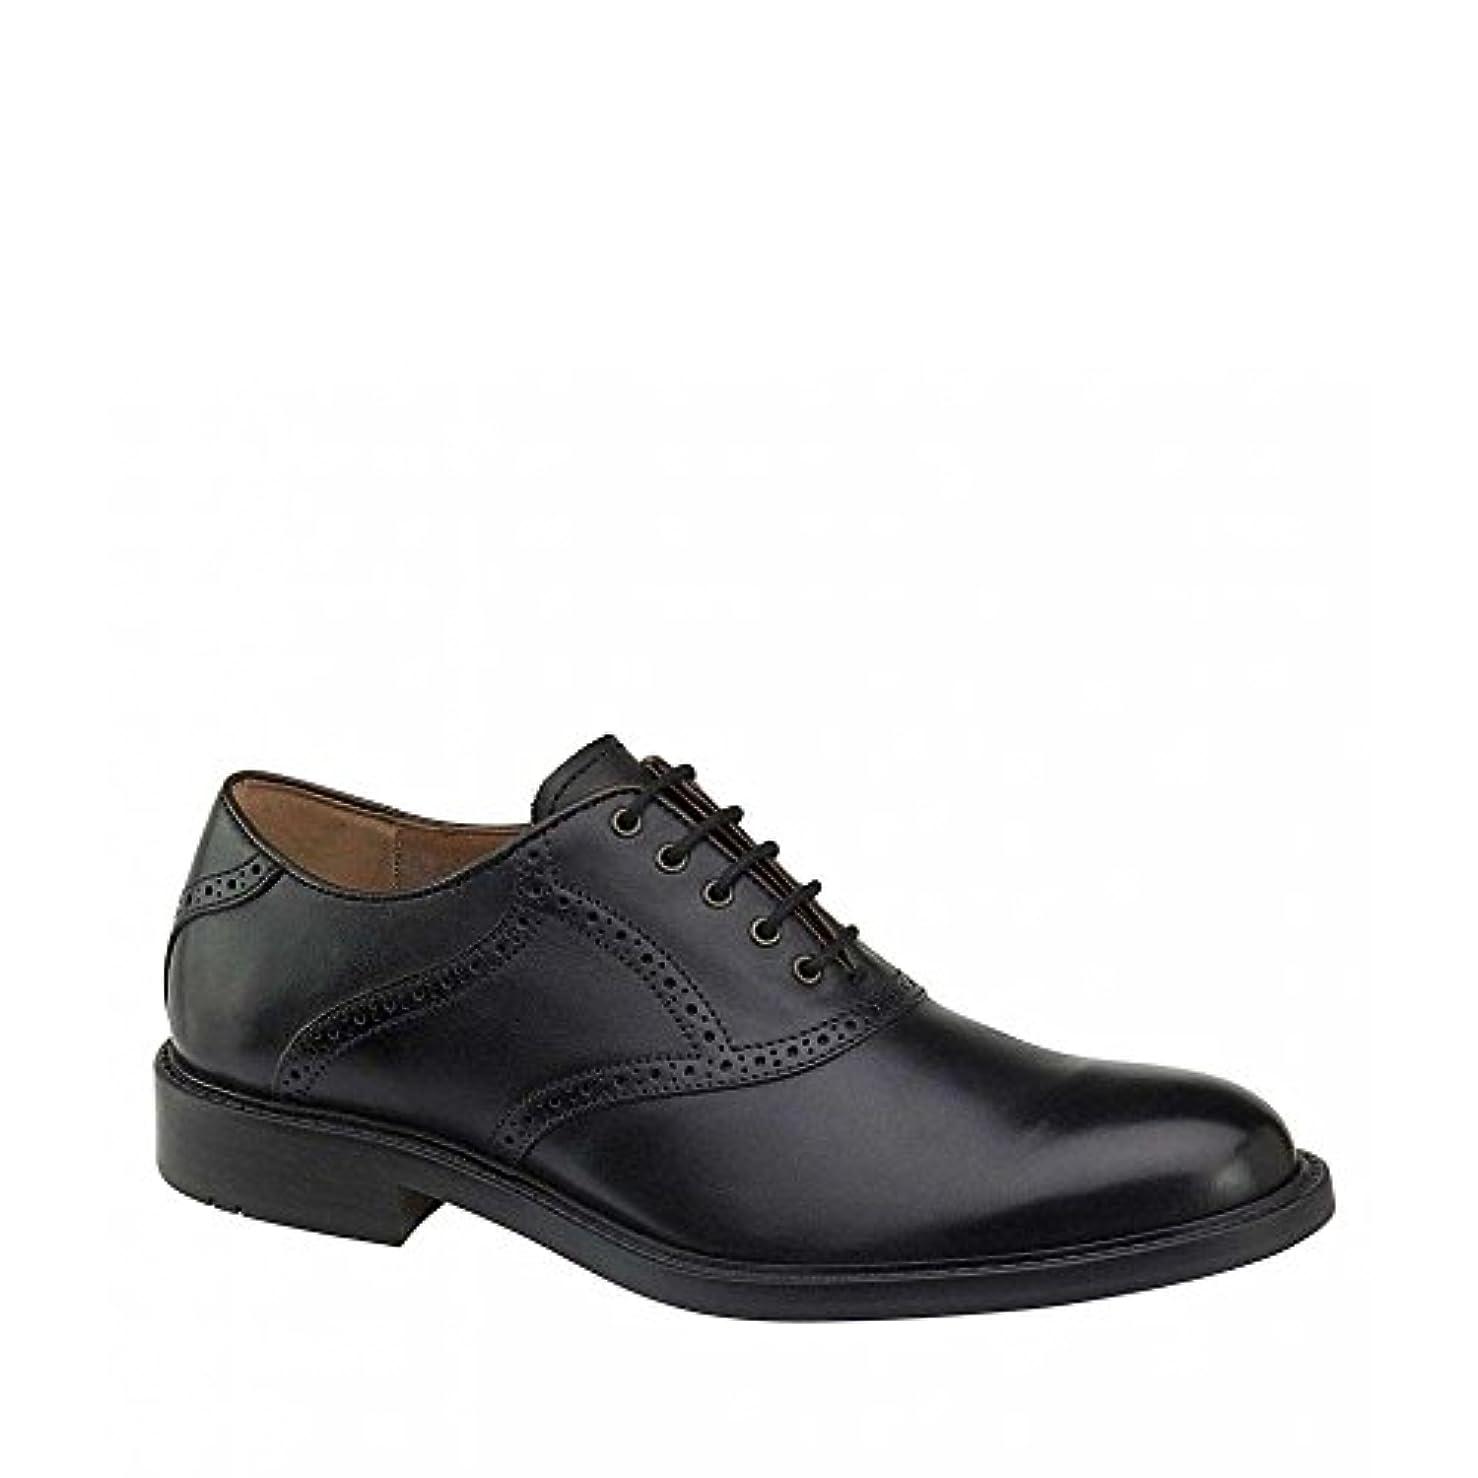 心のこもったふさわしいネクタイ(ジョンストン&マーフィー) Johnston & Murphy メンズ シューズ?靴 革靴?ビジネスシューズ Tabor Saddle Oxfords [並行輸入品]